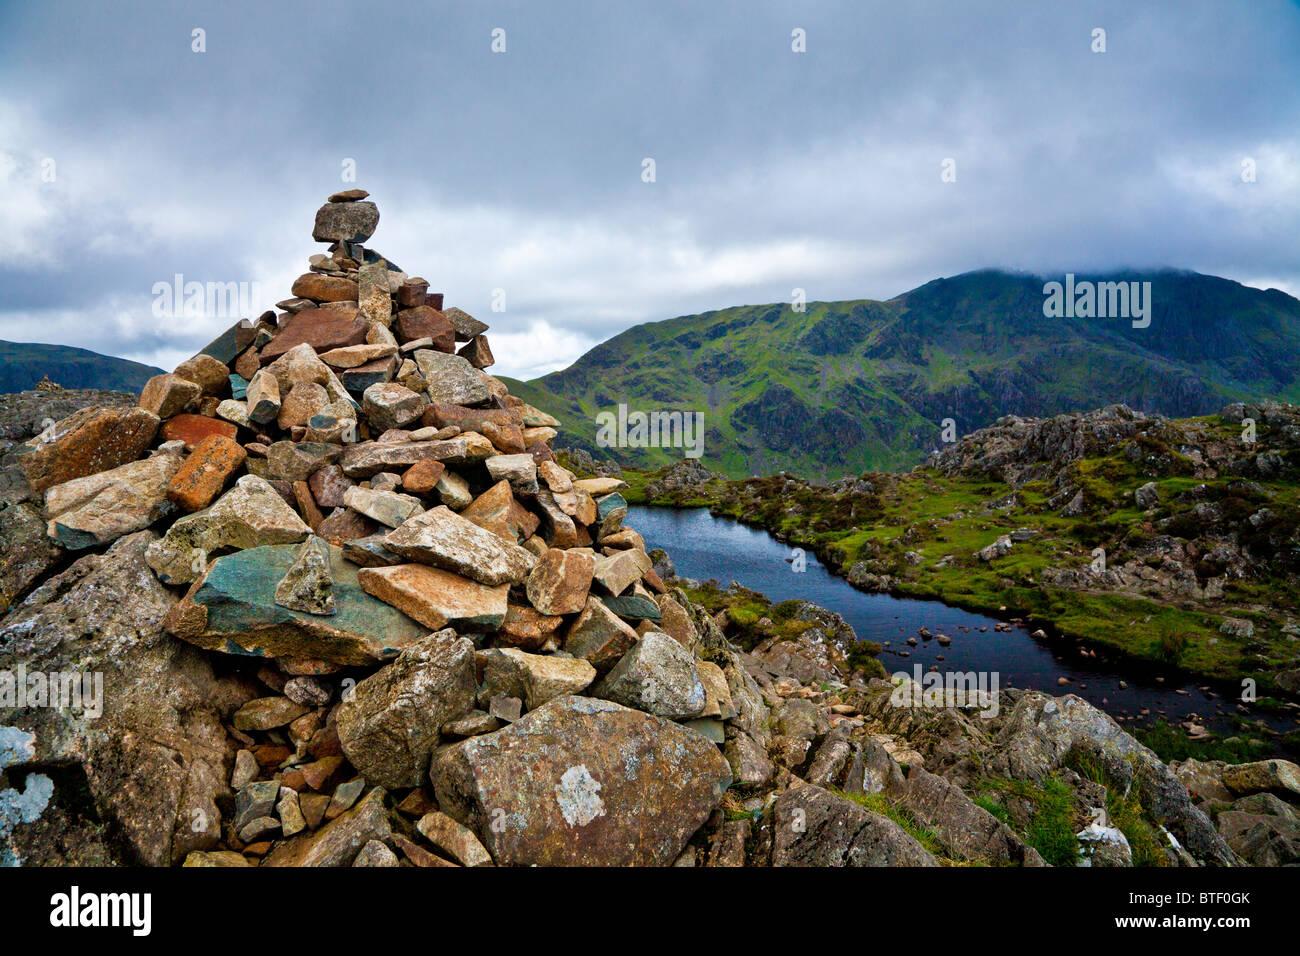 Der Gipfel Cairn auf Heuhaufen in der Seenplatte, Cumbria, England, UK Stockbild